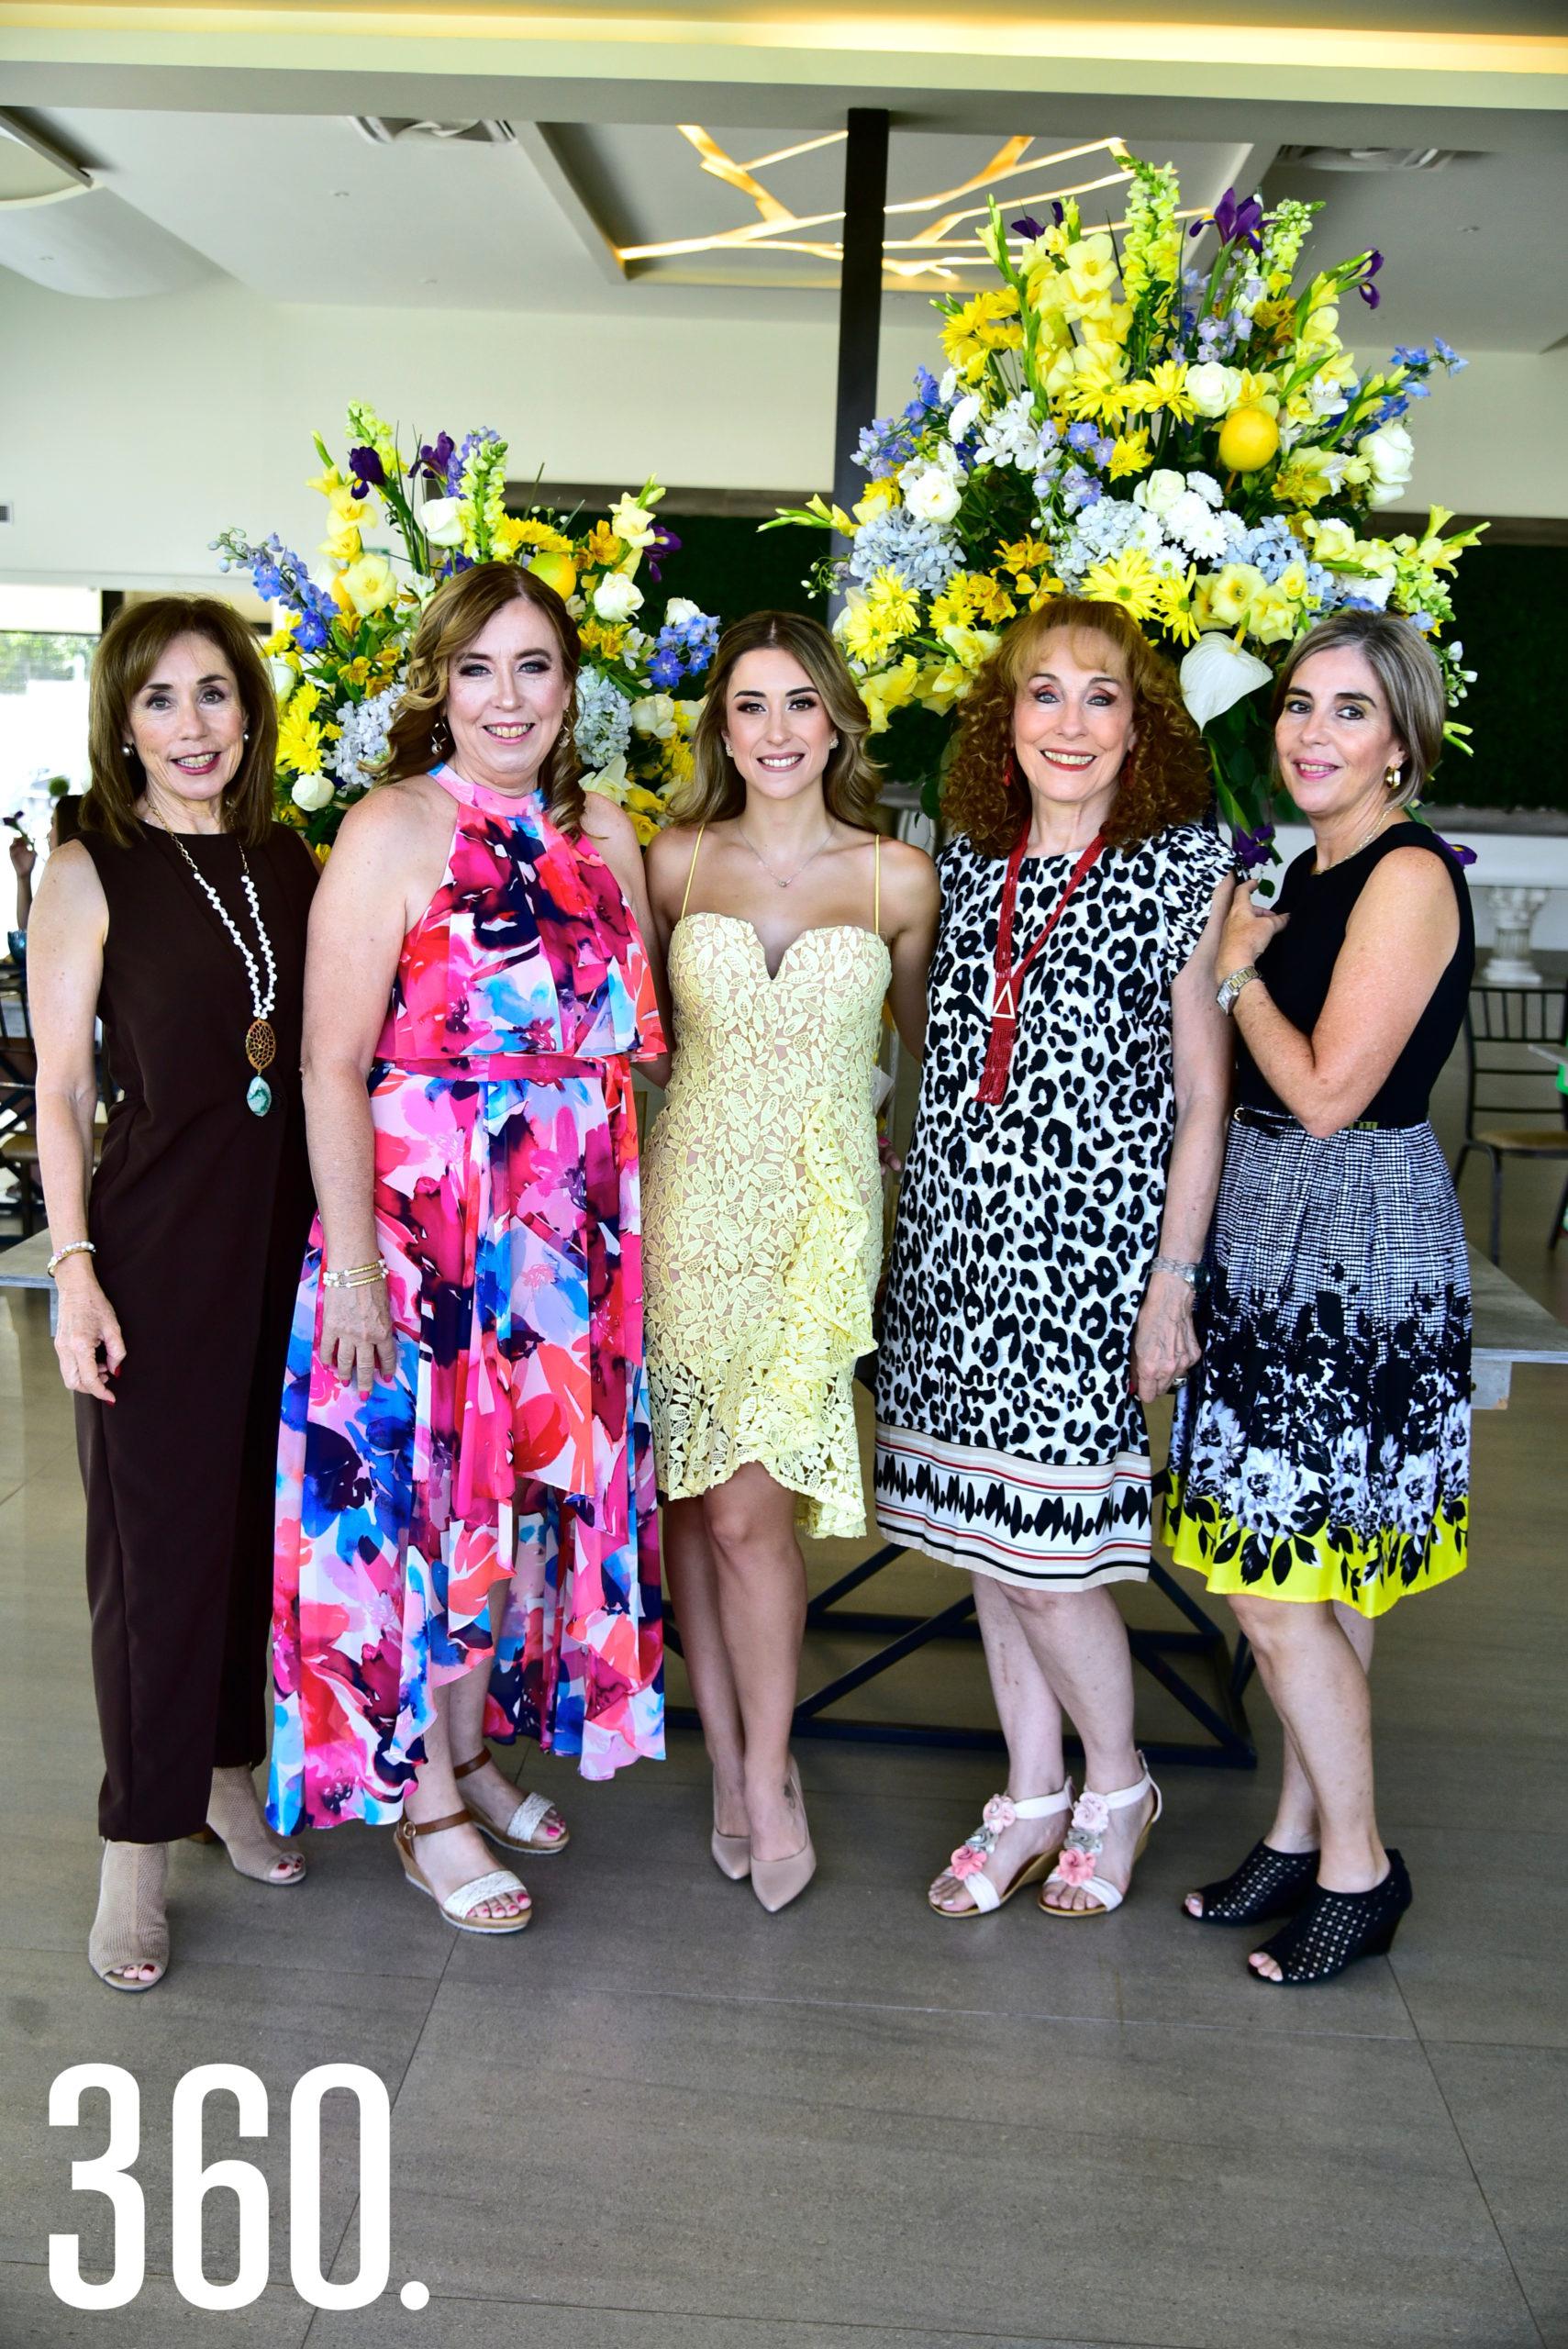 Ana Luisa, Denigris, María Isabel Denigris, María Isabel Ayup, Maru Eugenia Denigris y Lorena Denigris.